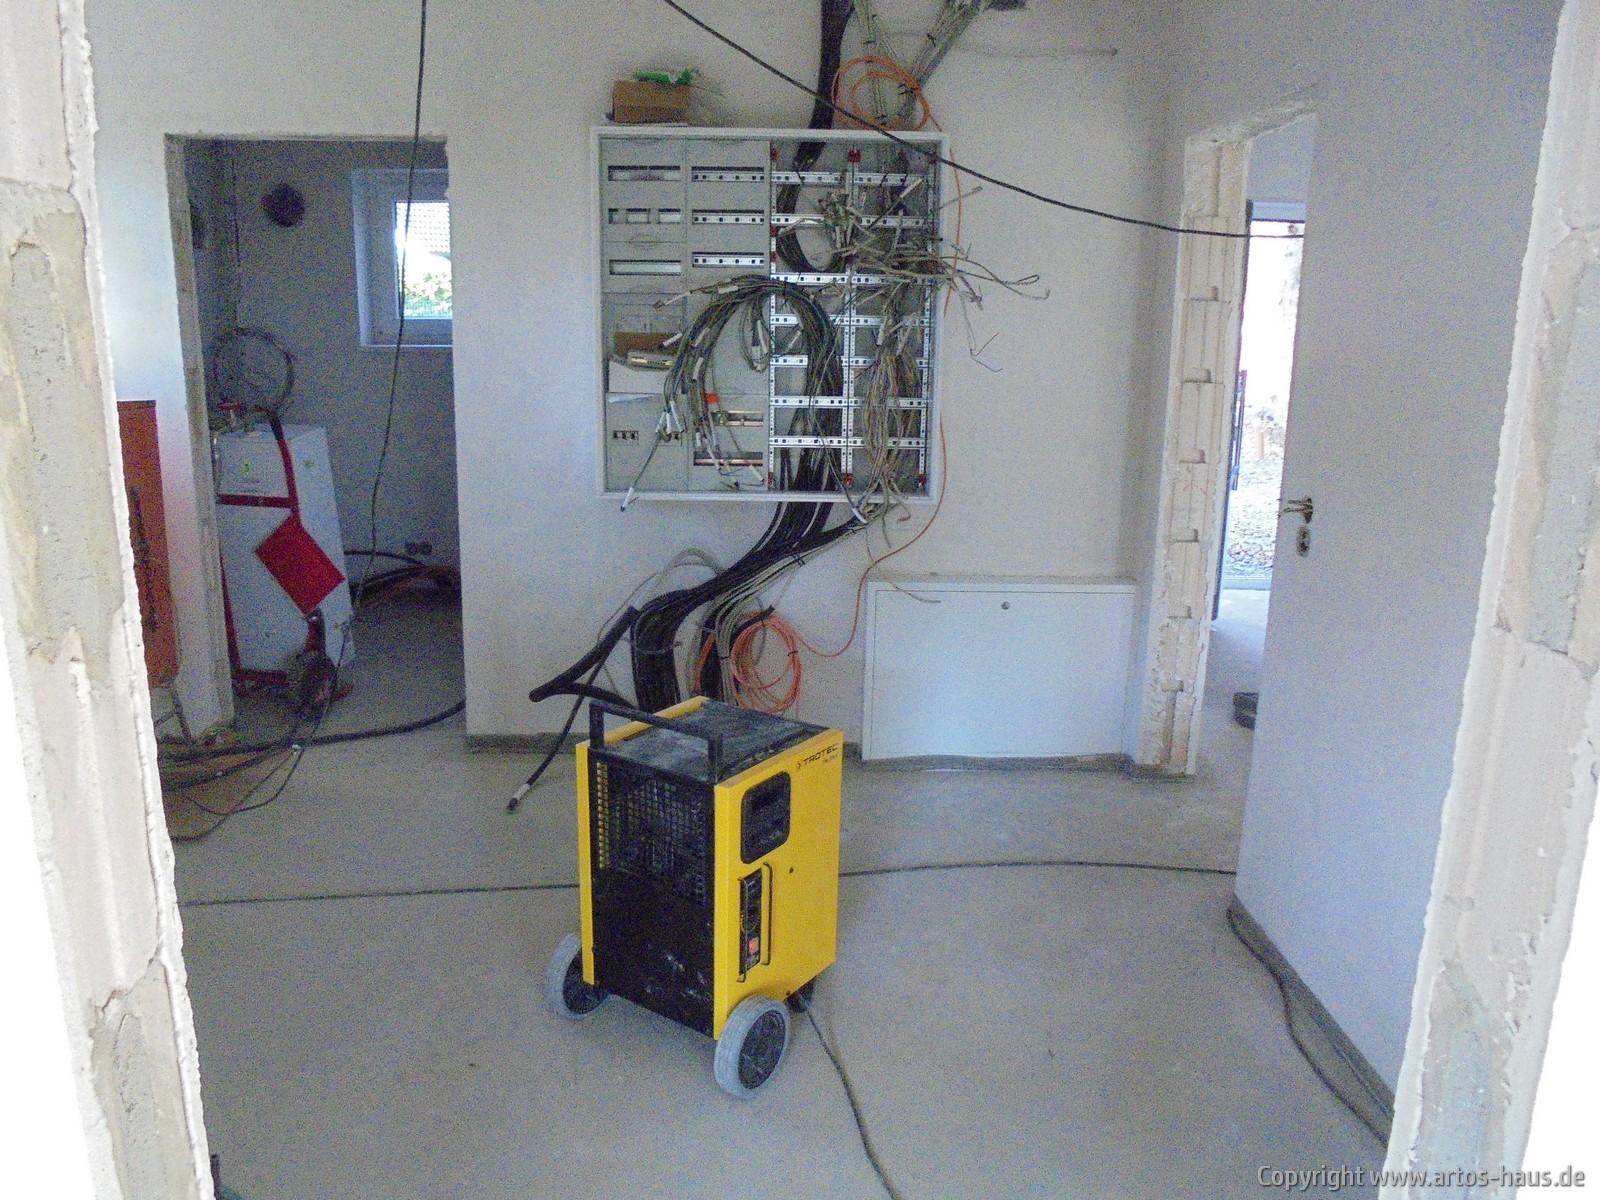 ARTOS Bauvorhaben Ruppichteroth, Bautrocknereinsatz